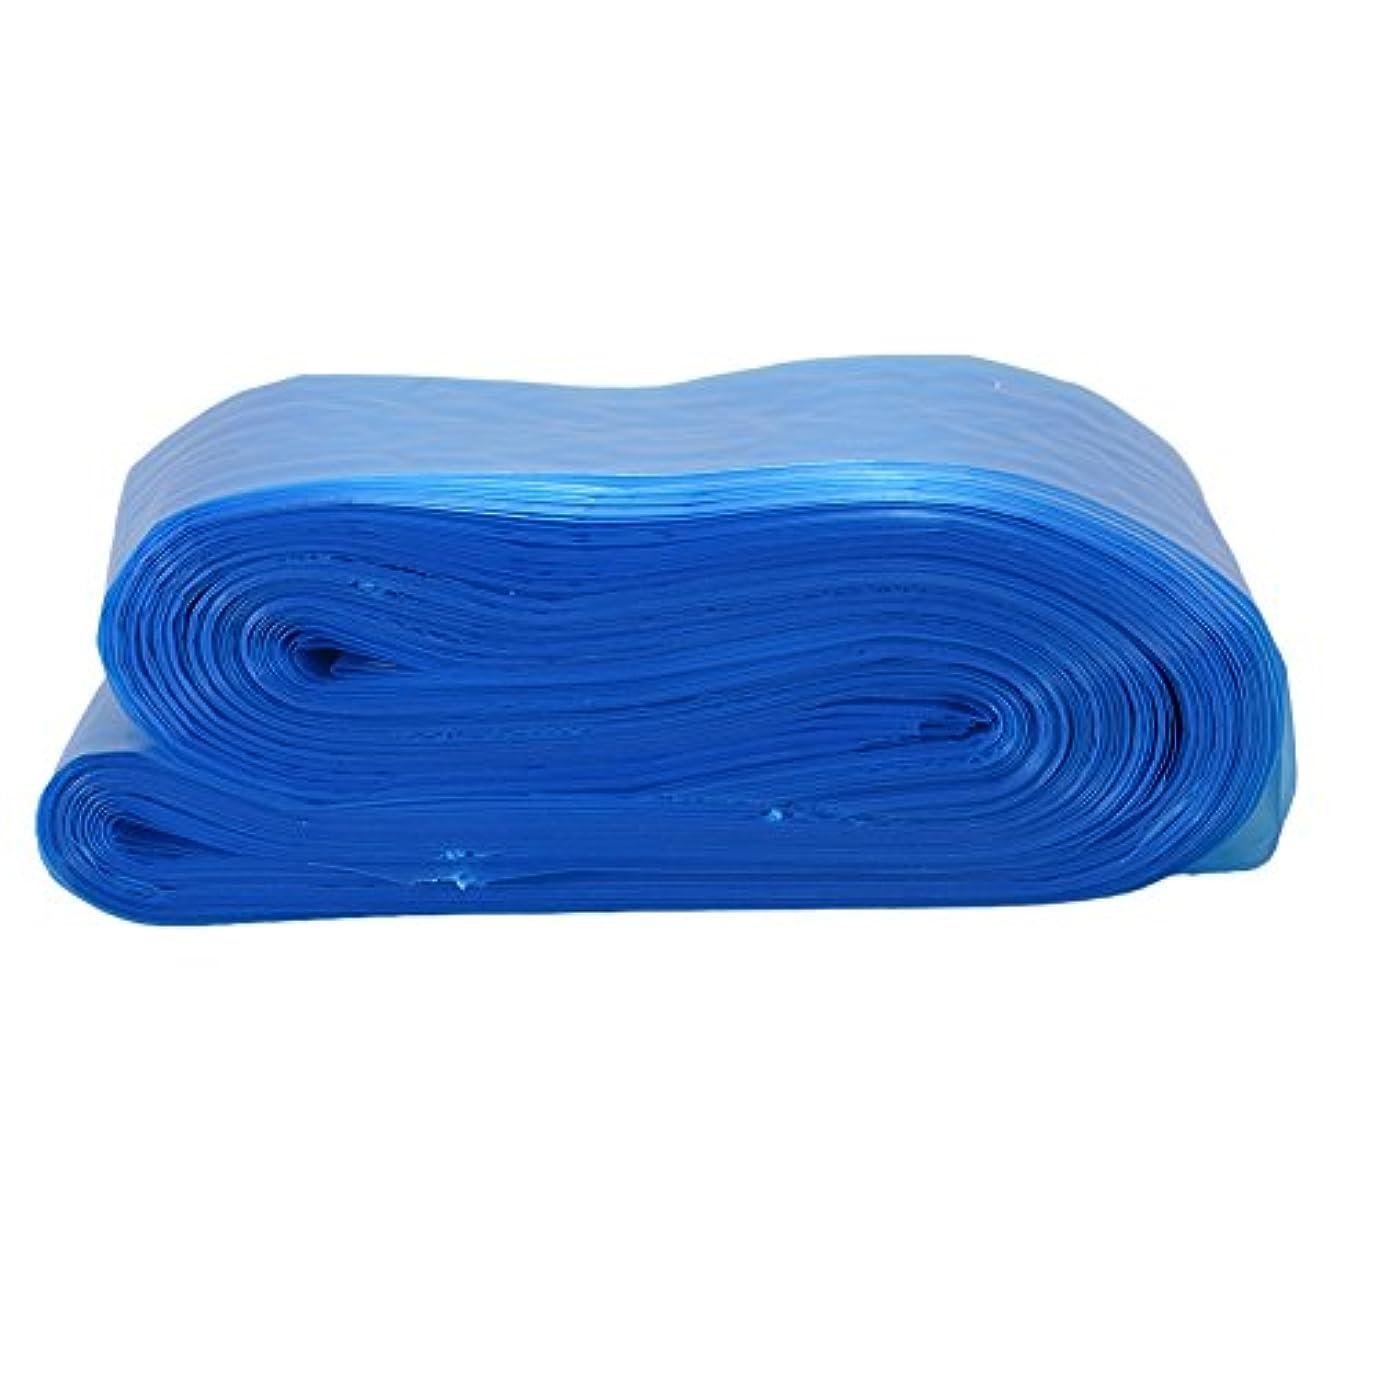 ボア縞模様のローラーRaiFu タトゥークリップカバー バッグ タトゥーアクセサリー コード スリーブバッグ タトゥーマシンのため 使い捨て プロフェッショナル ブルー 100PCS/パック